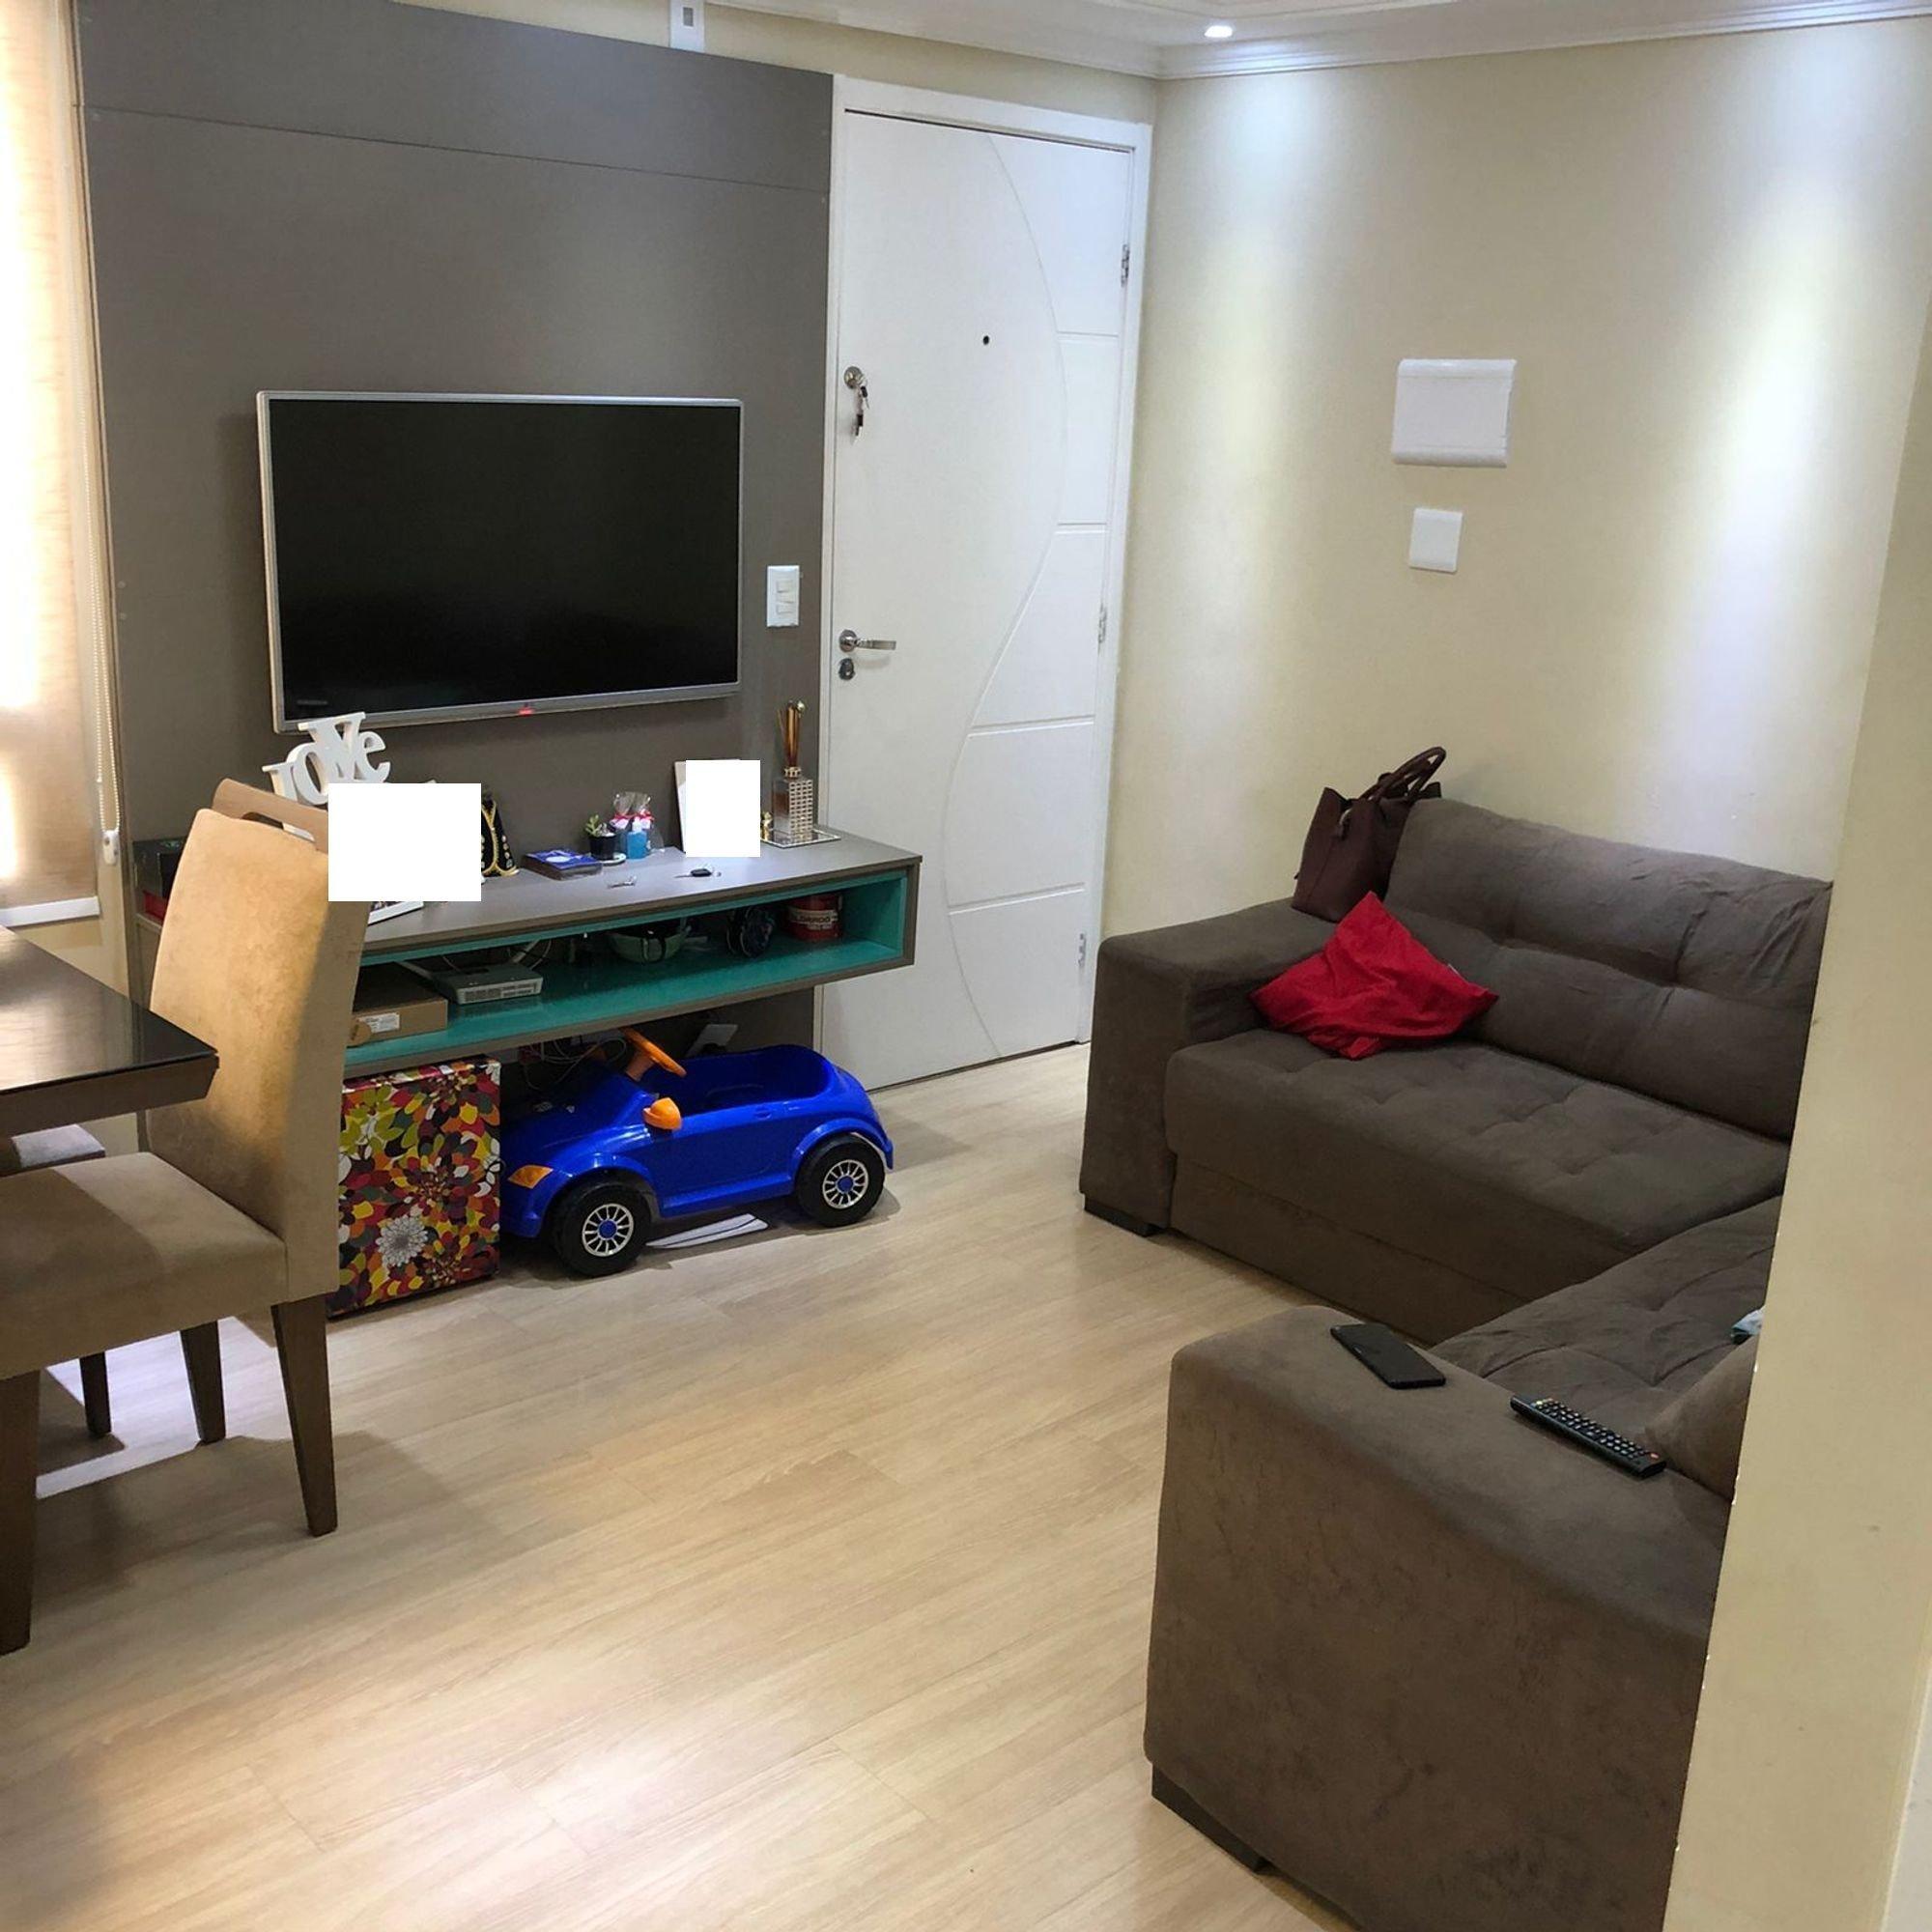 Foto de Sala com sofá, televisão, controle remoto, cadeira